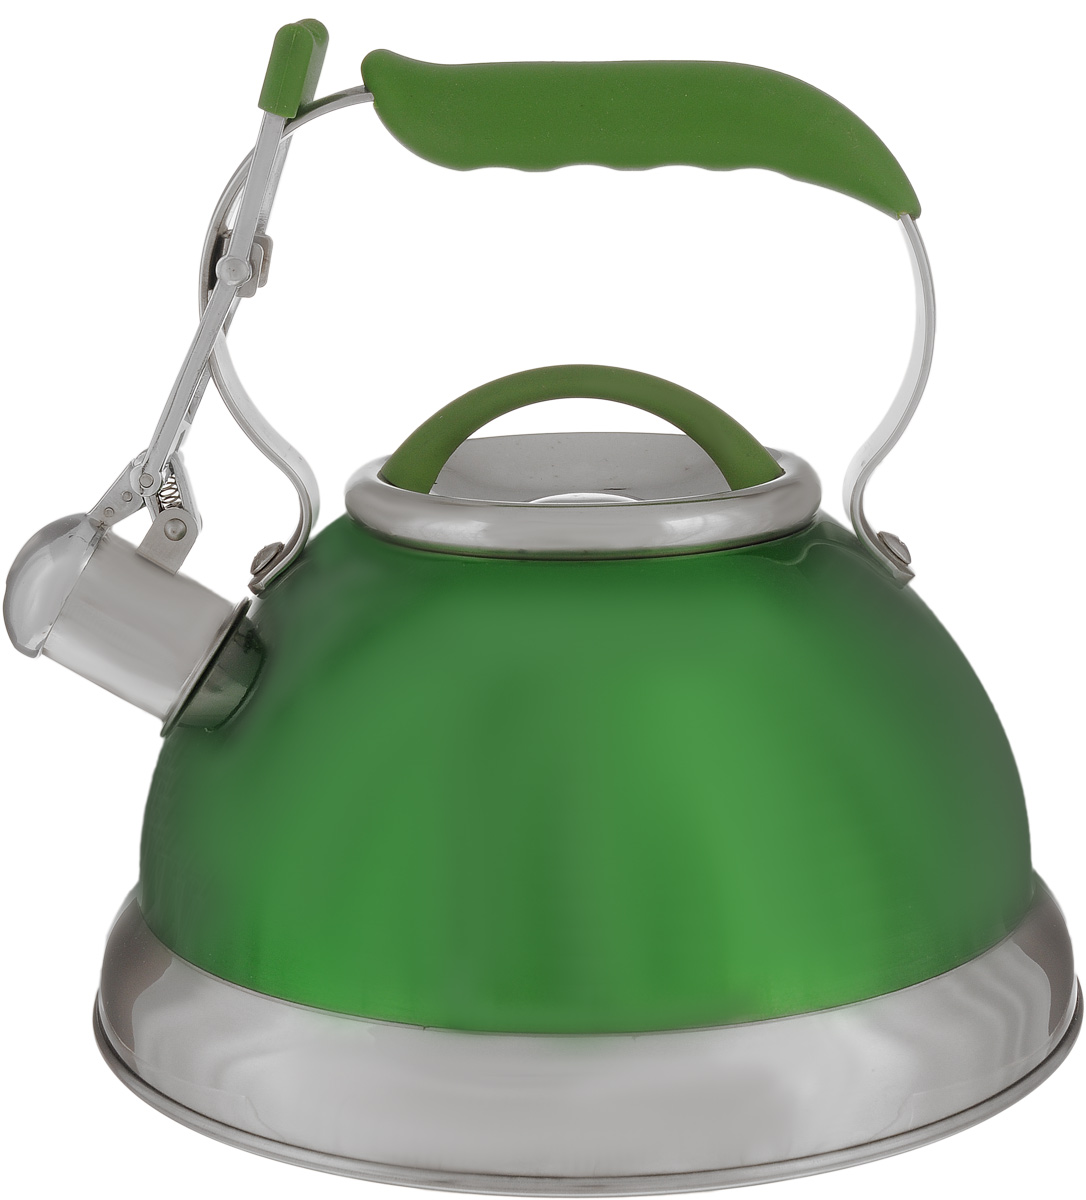 Чайник Calve, со свистком, цвет: зеленый, 2,7 лVT-1520(SR)Чайник Calve изготовлен из высококачественной нержавеющей стали 18/10, внешние стенки имеют цветное глянцевое покрытие. Нержавеющая сталь обладает высокой устойчивостью к коррозии, не вступает в реакцию с холодными и горячими продуктами и полностью сохраняет их вкусовые качества. Особая конструкция капсулированного дна способствует высокой теплопроводности и равномерному распределению тепла. Чайник оснащен удобной фиксированной ручкой с силиконовым покрытием. Носик чайника имеет откидной свисток с перфорацией в виде смайлика, звуковой сигнал которого подскажет, когда закипит вода. Свисток открывается с помощью рычага на ручке чайника. Чайник подходит для всех типов плит, включая индукционные. Можно мыть в посудомоечной машине.Диаметр чайника (по верхнему краю): 10 см.Высота чайника (без учета ручки и крышки): 13 см.Высота чайника (с учетом ручки): 23 см.